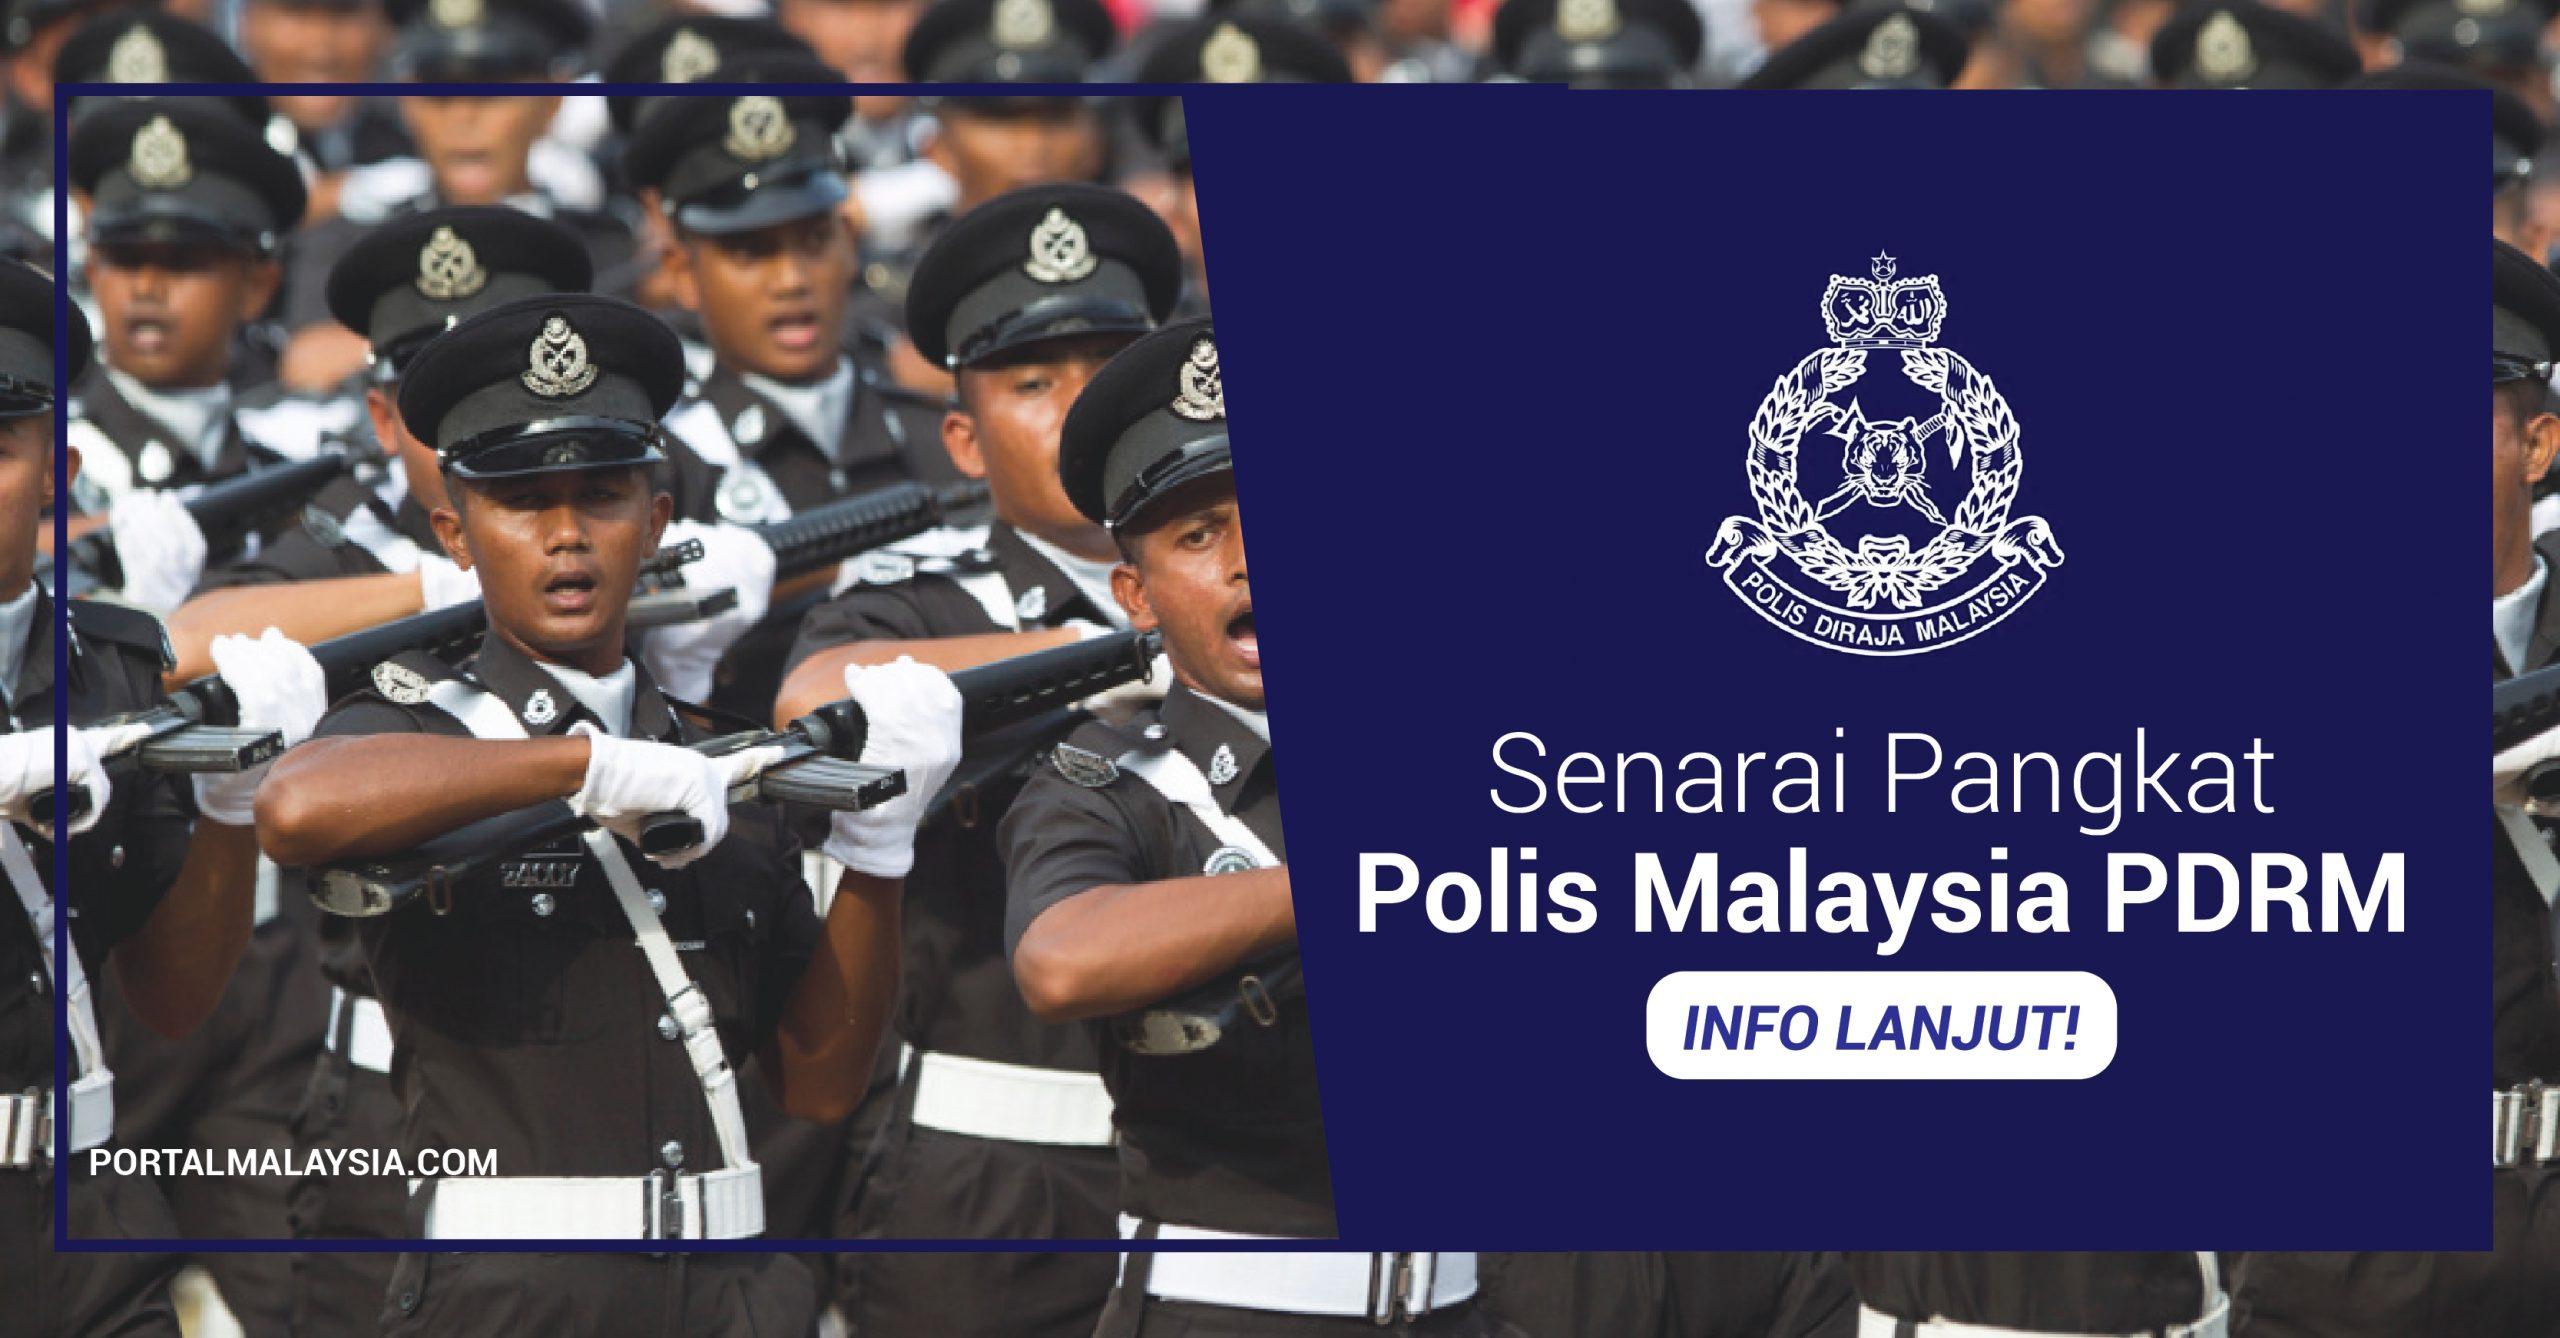 pangkat polis malaysia pdrm